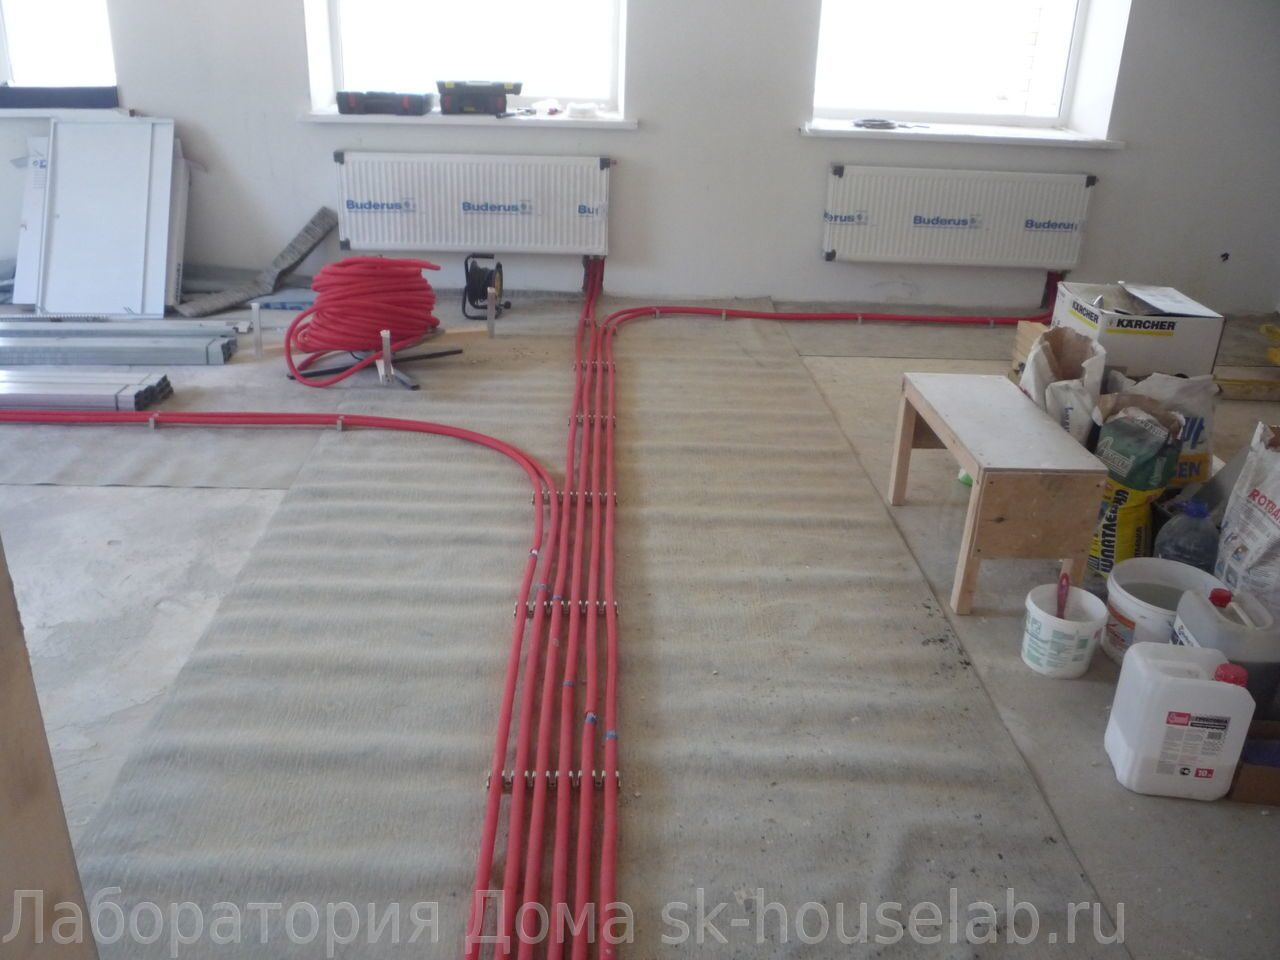 comment choisir puissance son radiateur eau chaude faire. Black Bedroom Furniture Sets. Home Design Ideas